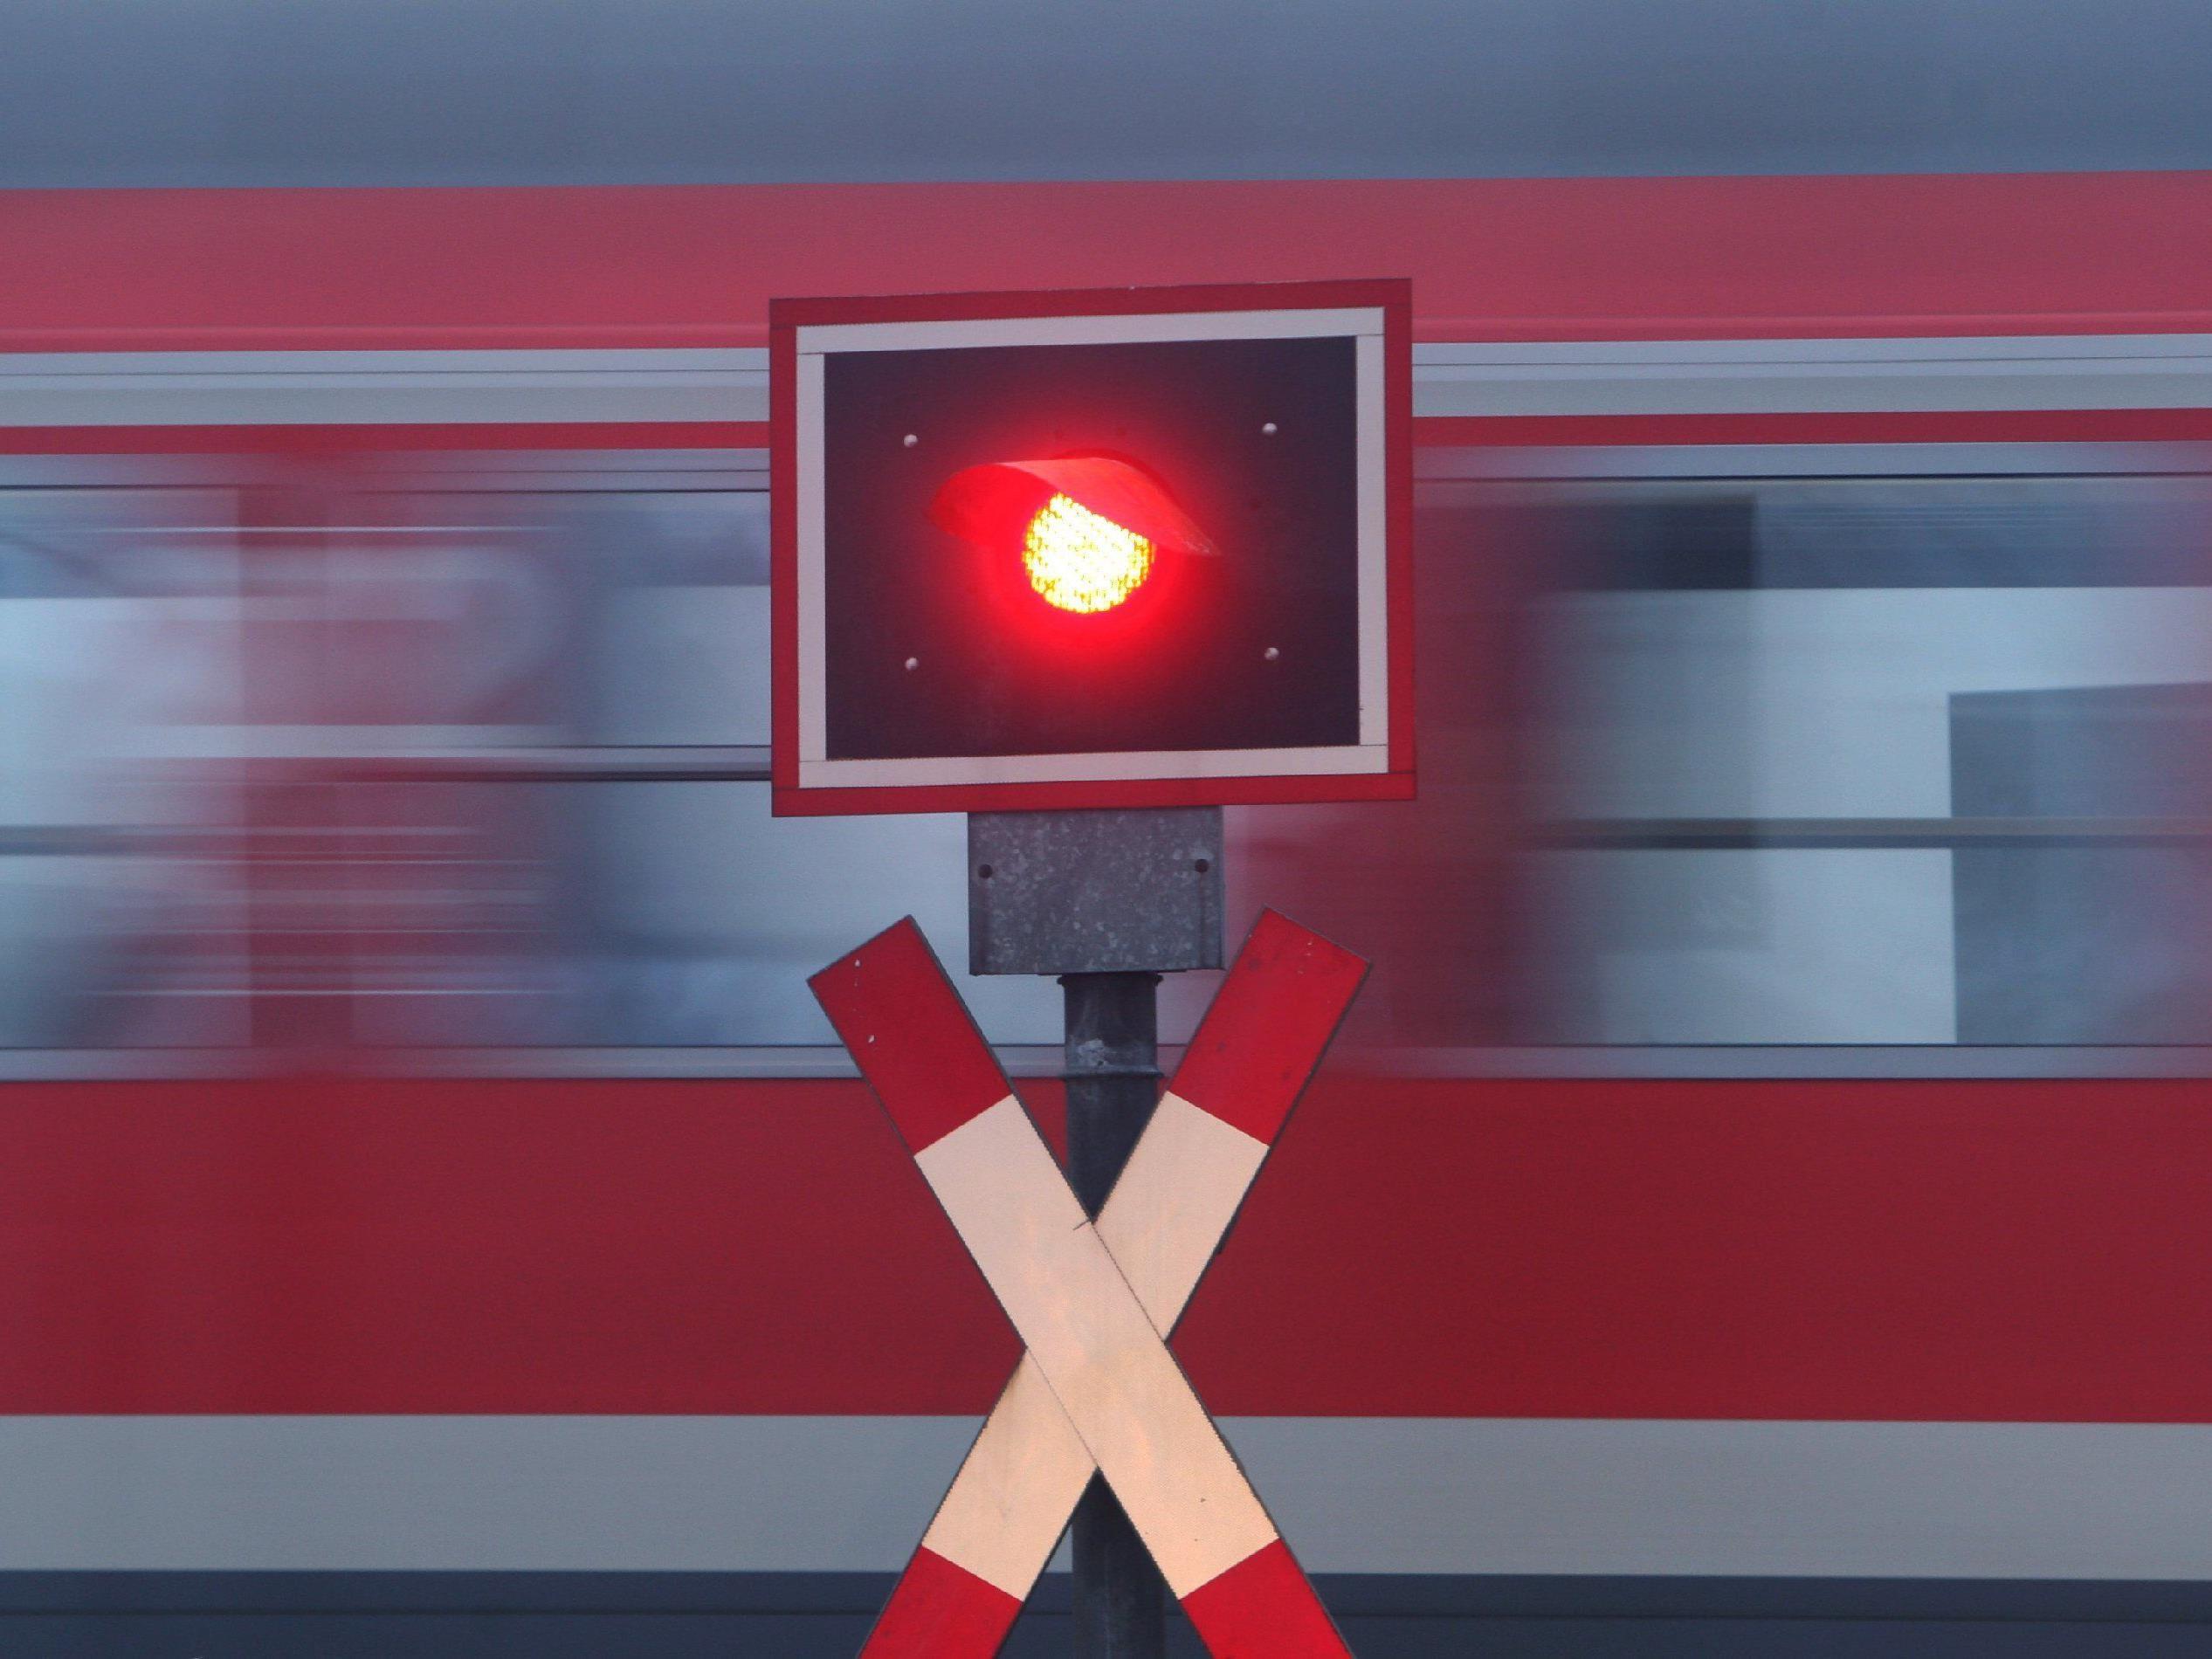 Heruntergelassene Schranke bei Bahnübergang umfahren.